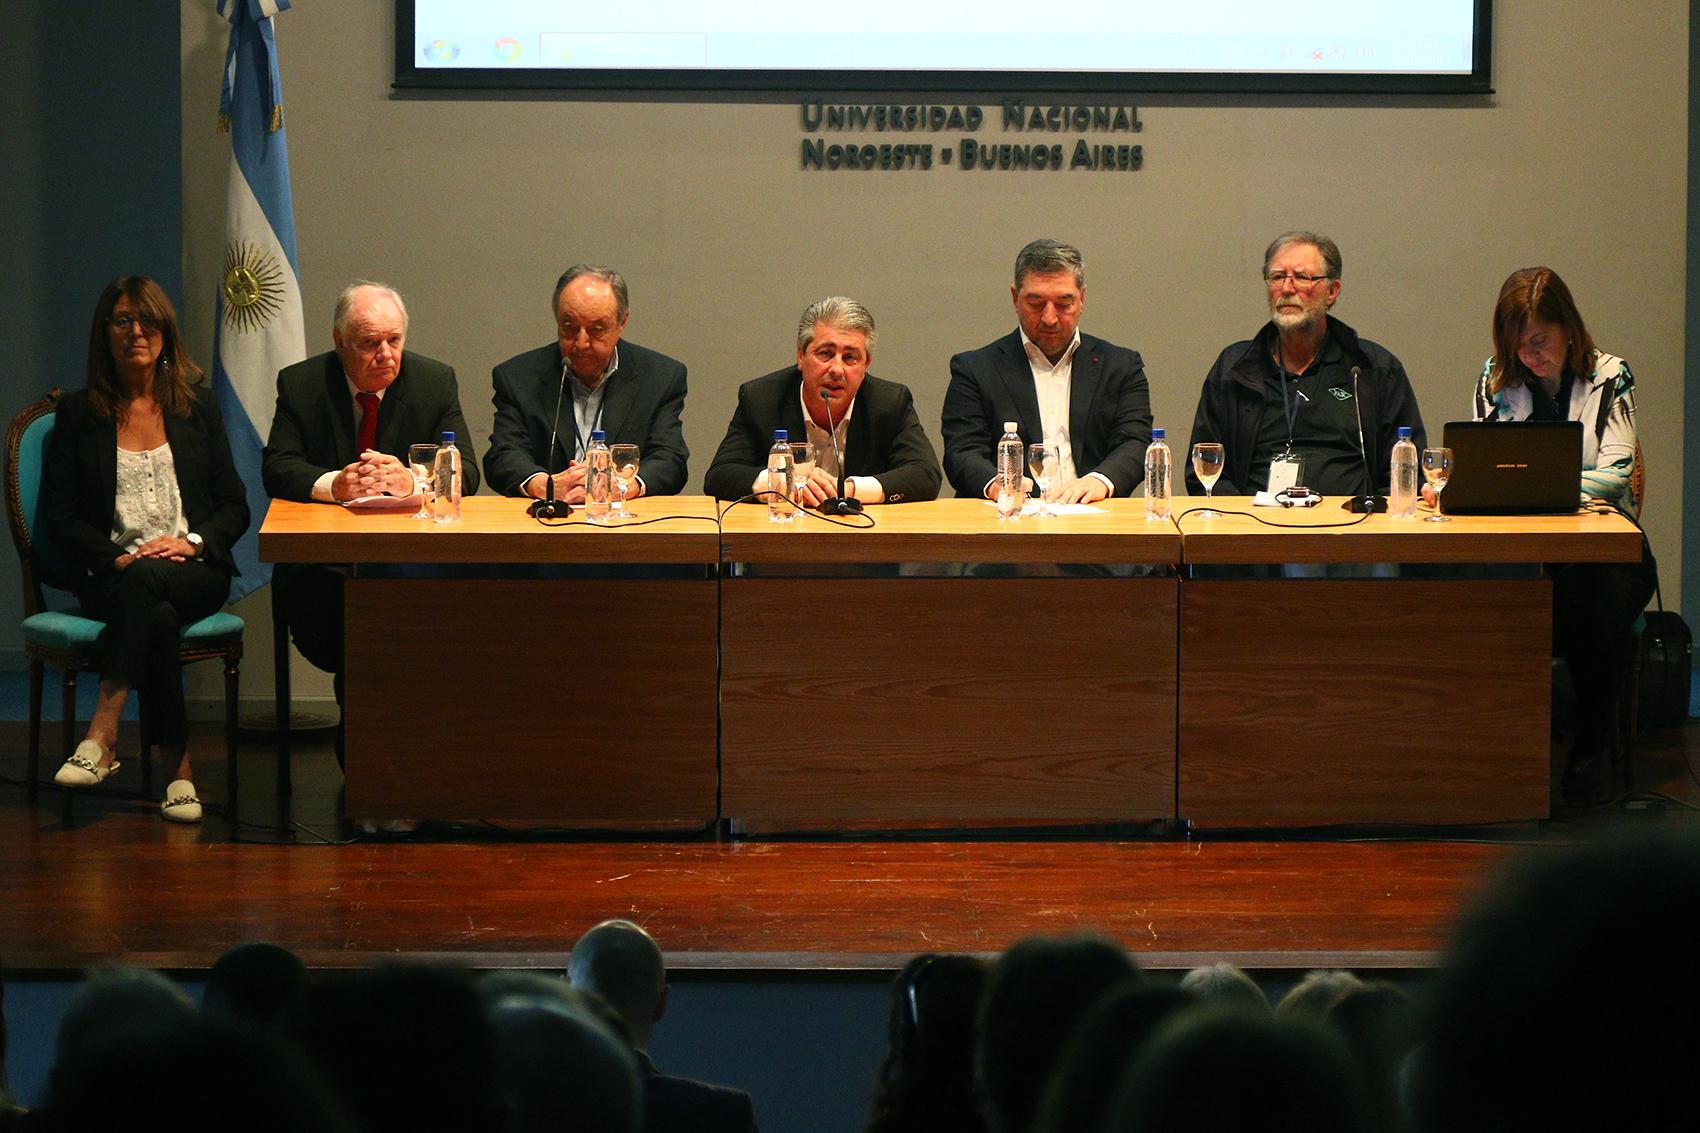 El intendente del Partido de Pergamino Javier Martínez participó de la apertura del 9º Congreso Internacional de Semillas Forrajeras y Céspedes que se llevó a cabo en la Unnoba y se extenderá hasta el 2 de noviembre.